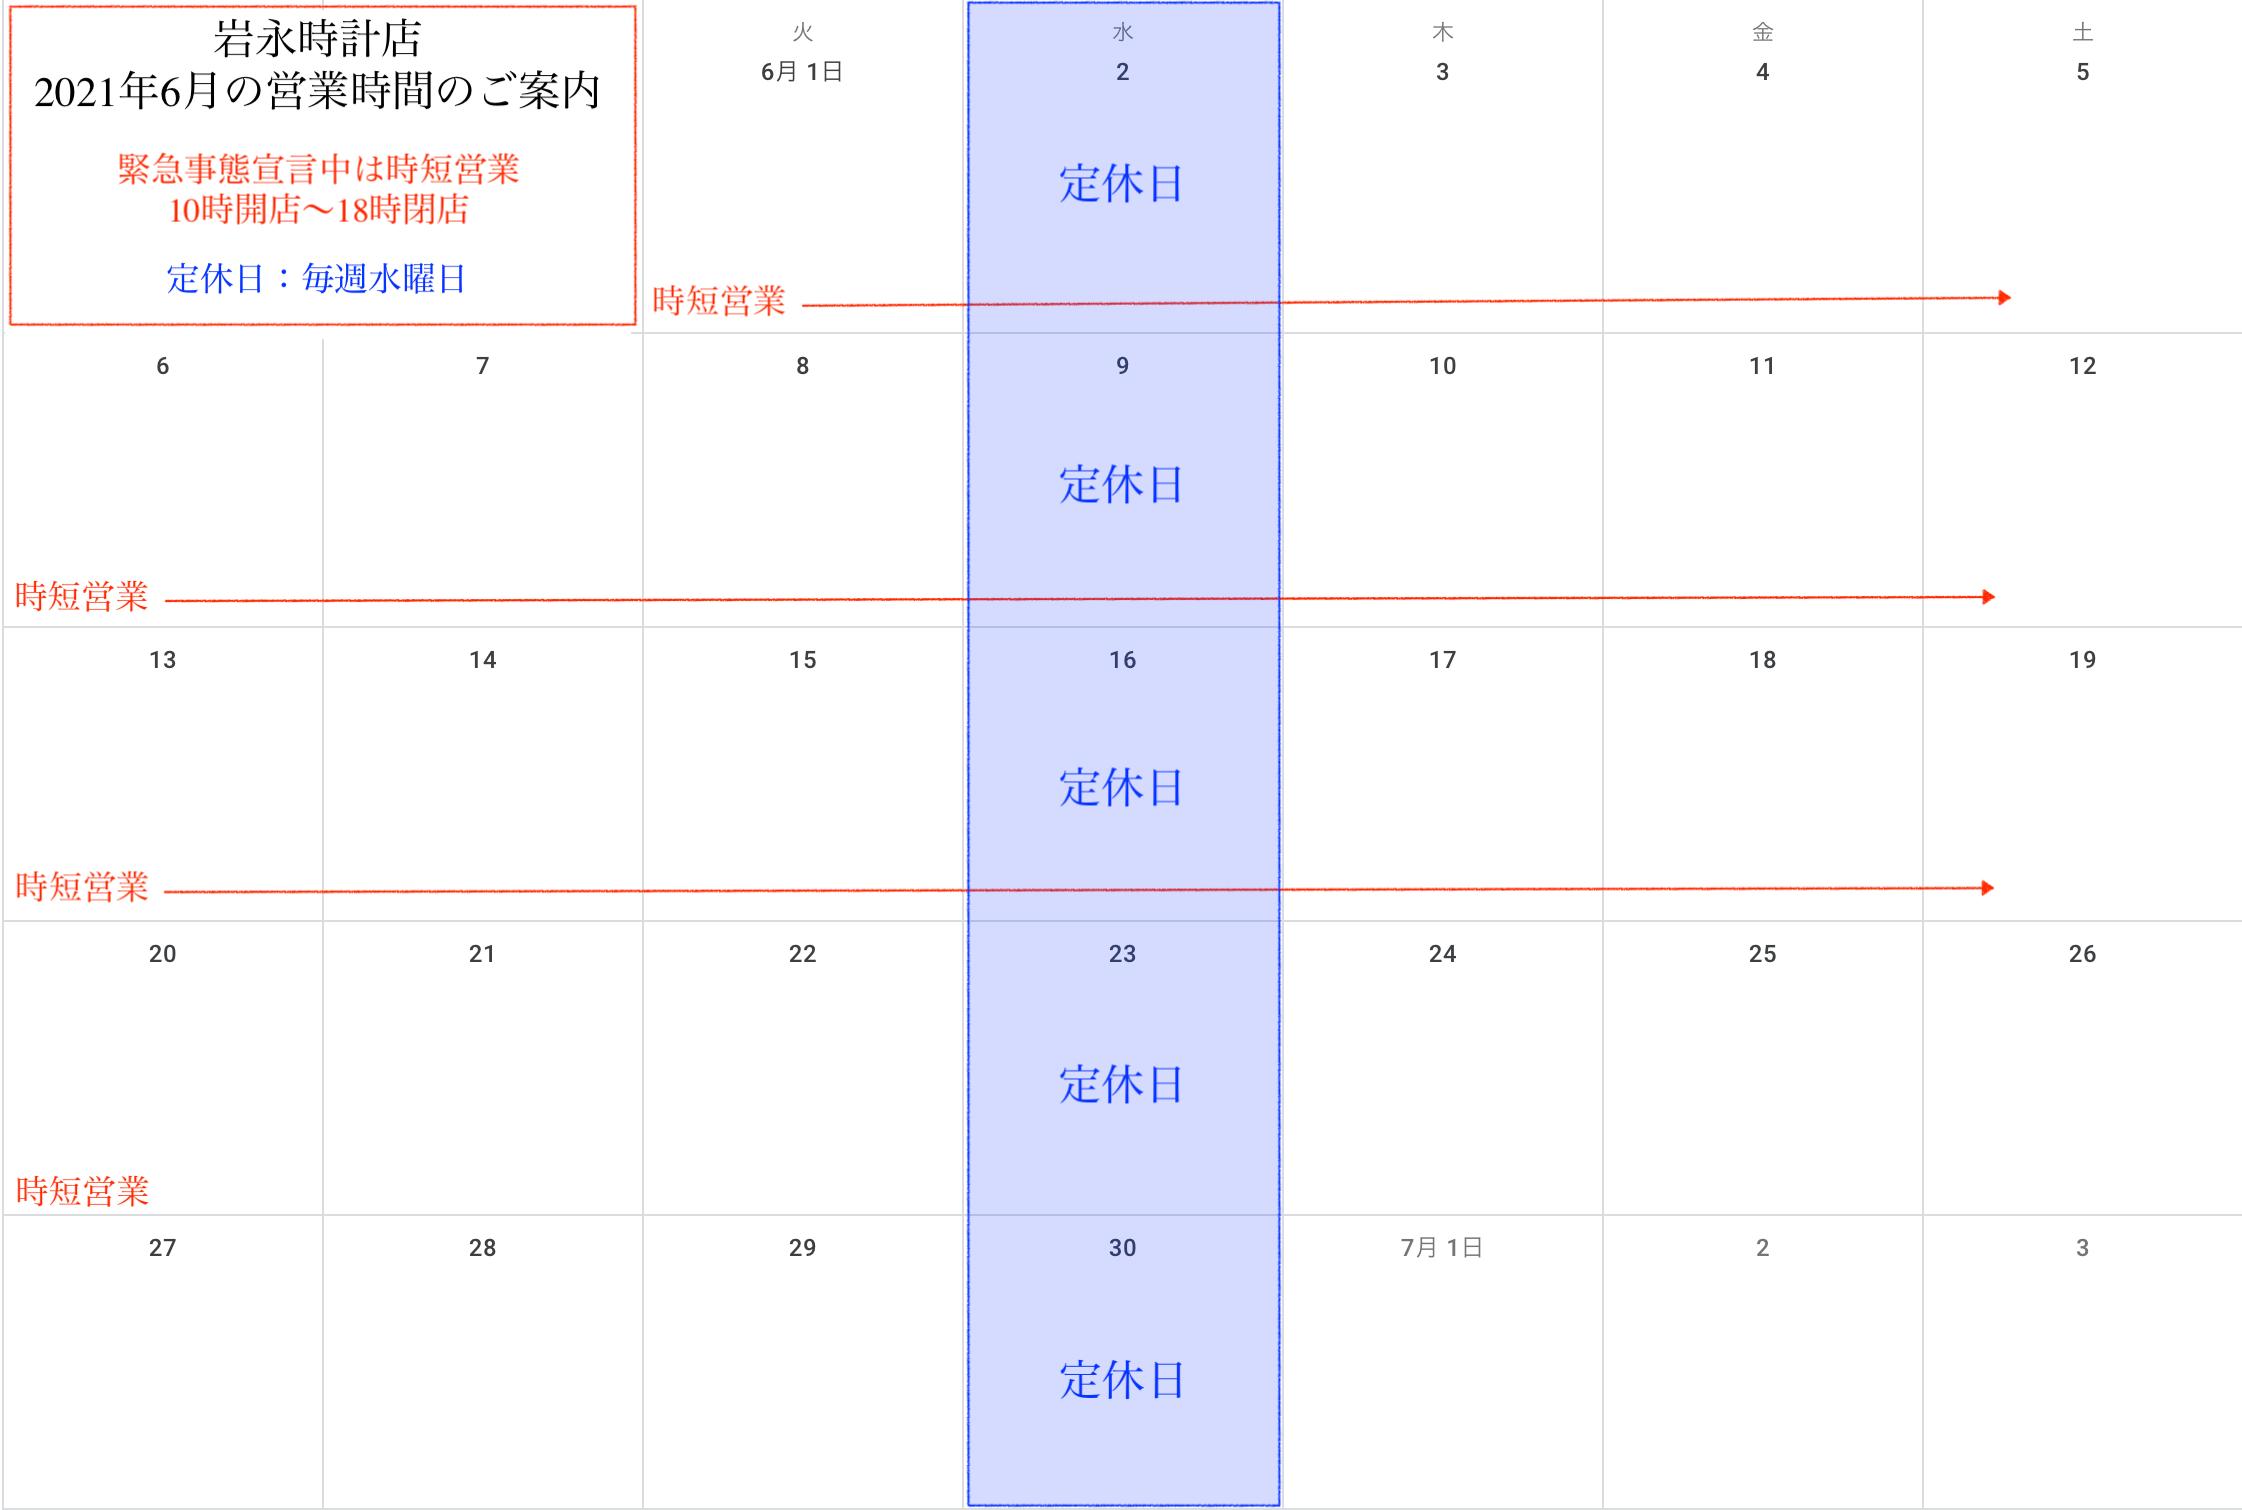 2021年6月,岩永時計店,営業時間